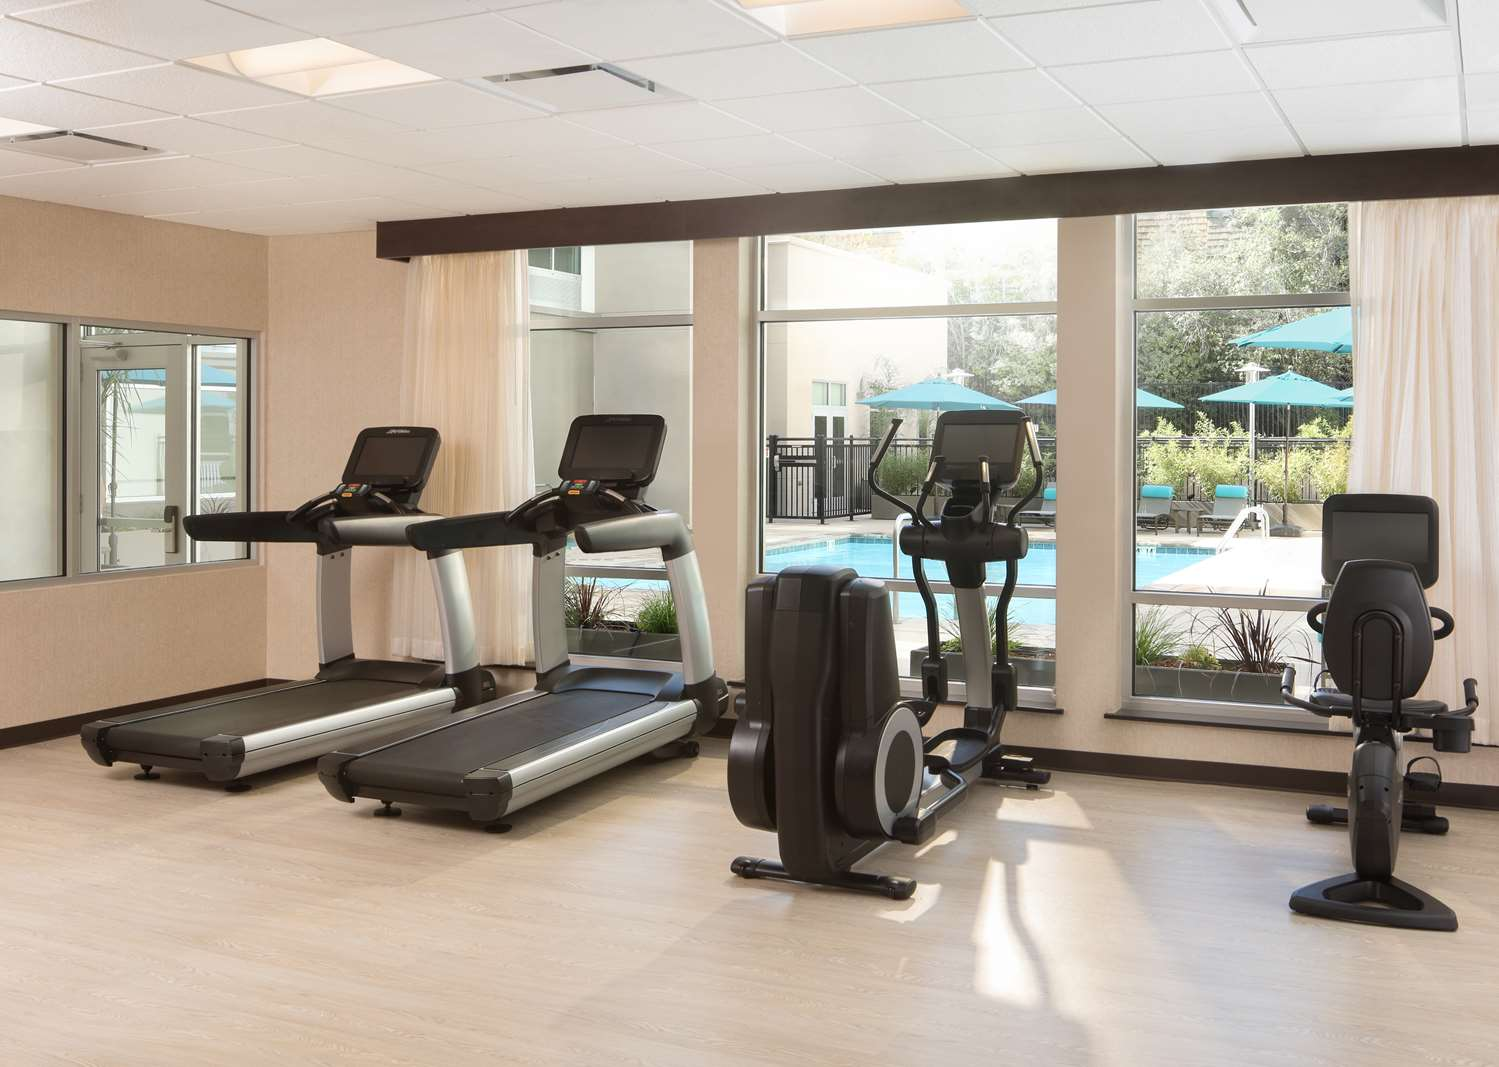 Fitness/ Exercise Room - Hyatt Place Hotel Santa Cruz